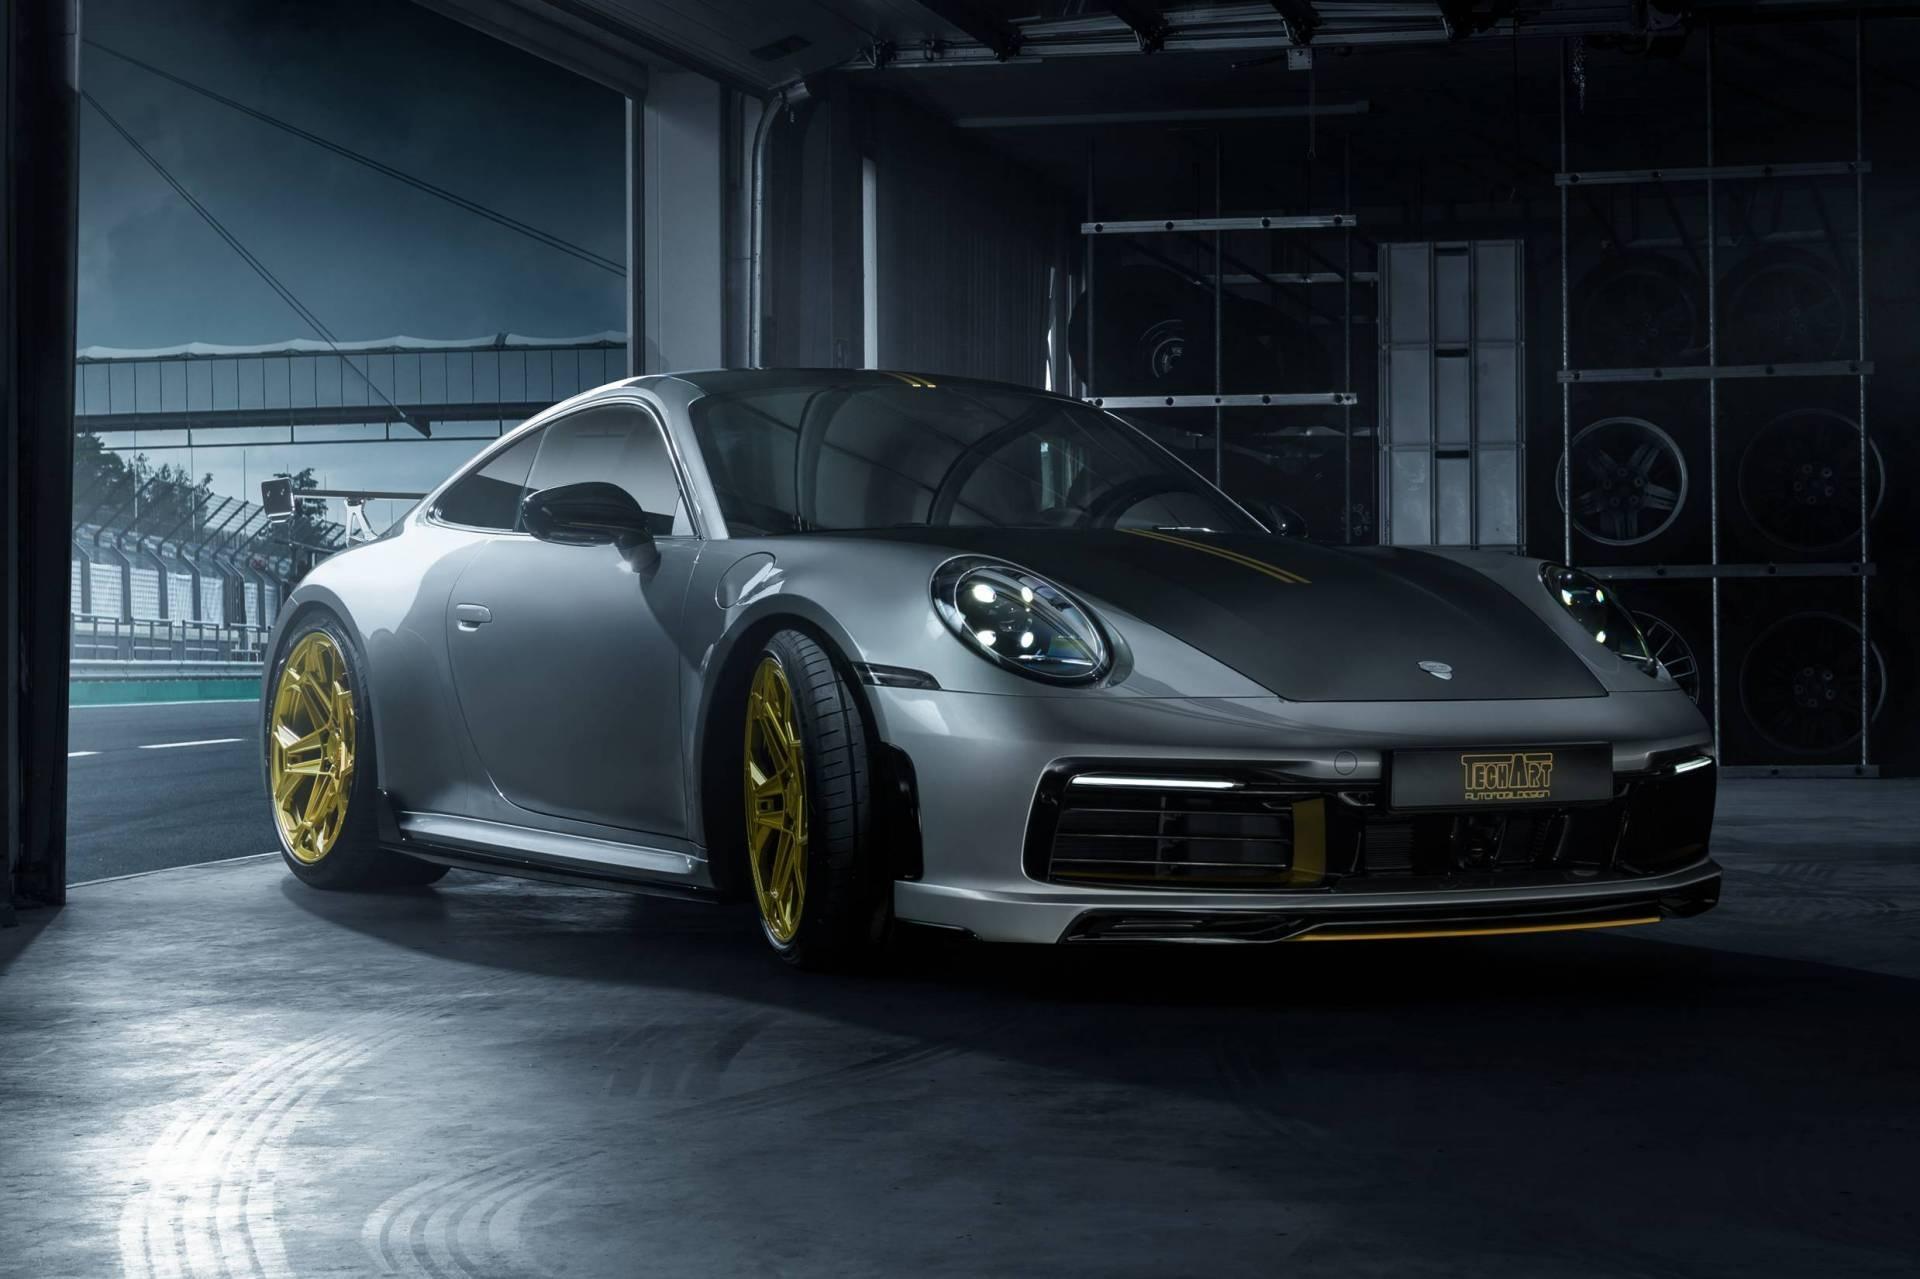 Porsche 911 2020 lot xac voi goi do thu cong hinh anh 4